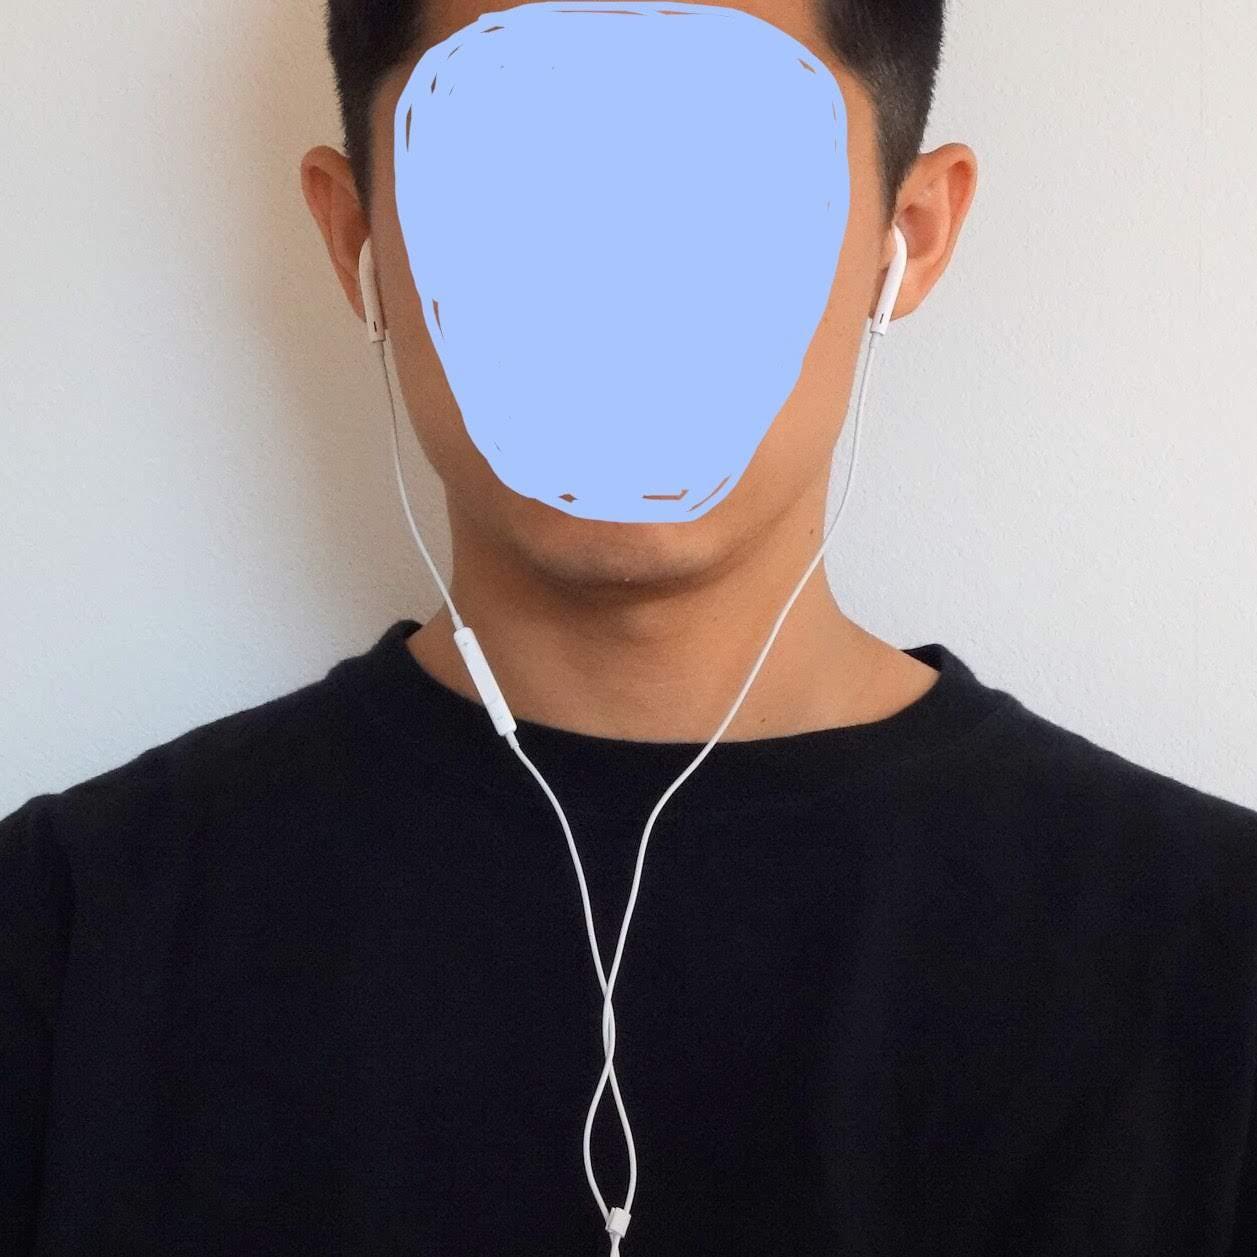 EarPods レビュー装着状態の写真